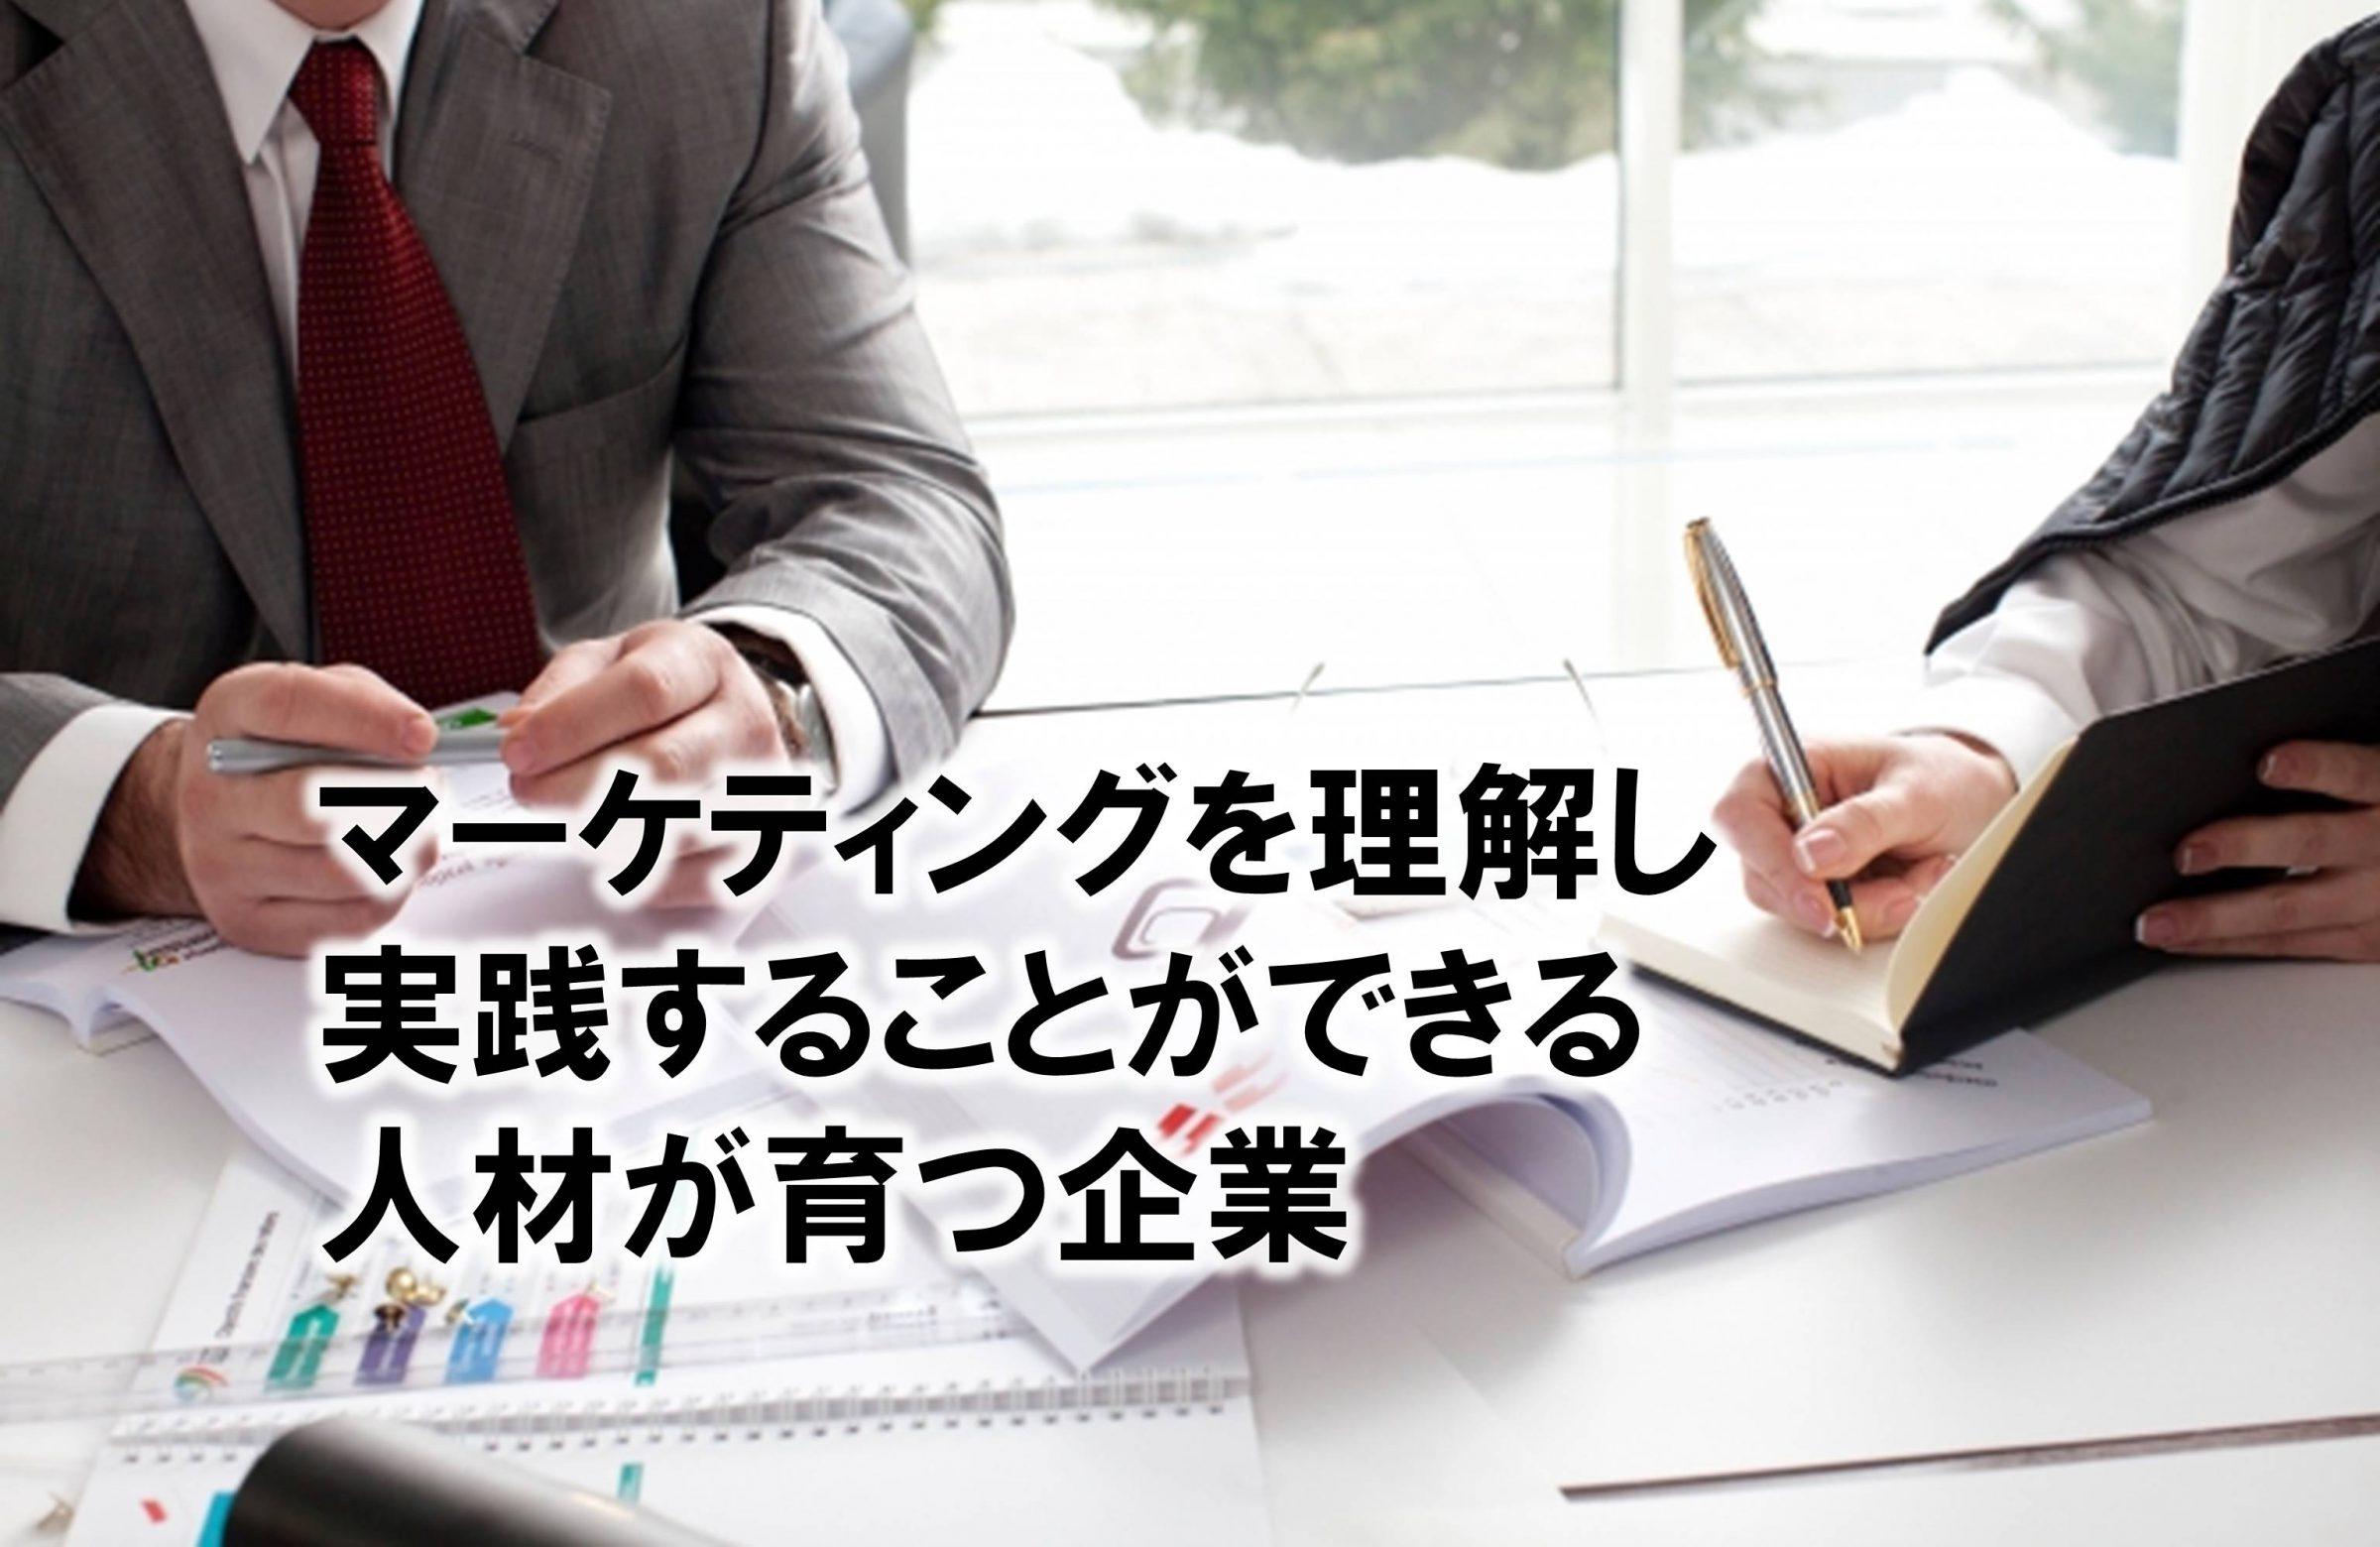 マーケティングを理解し実践することができる人材が育つ企業